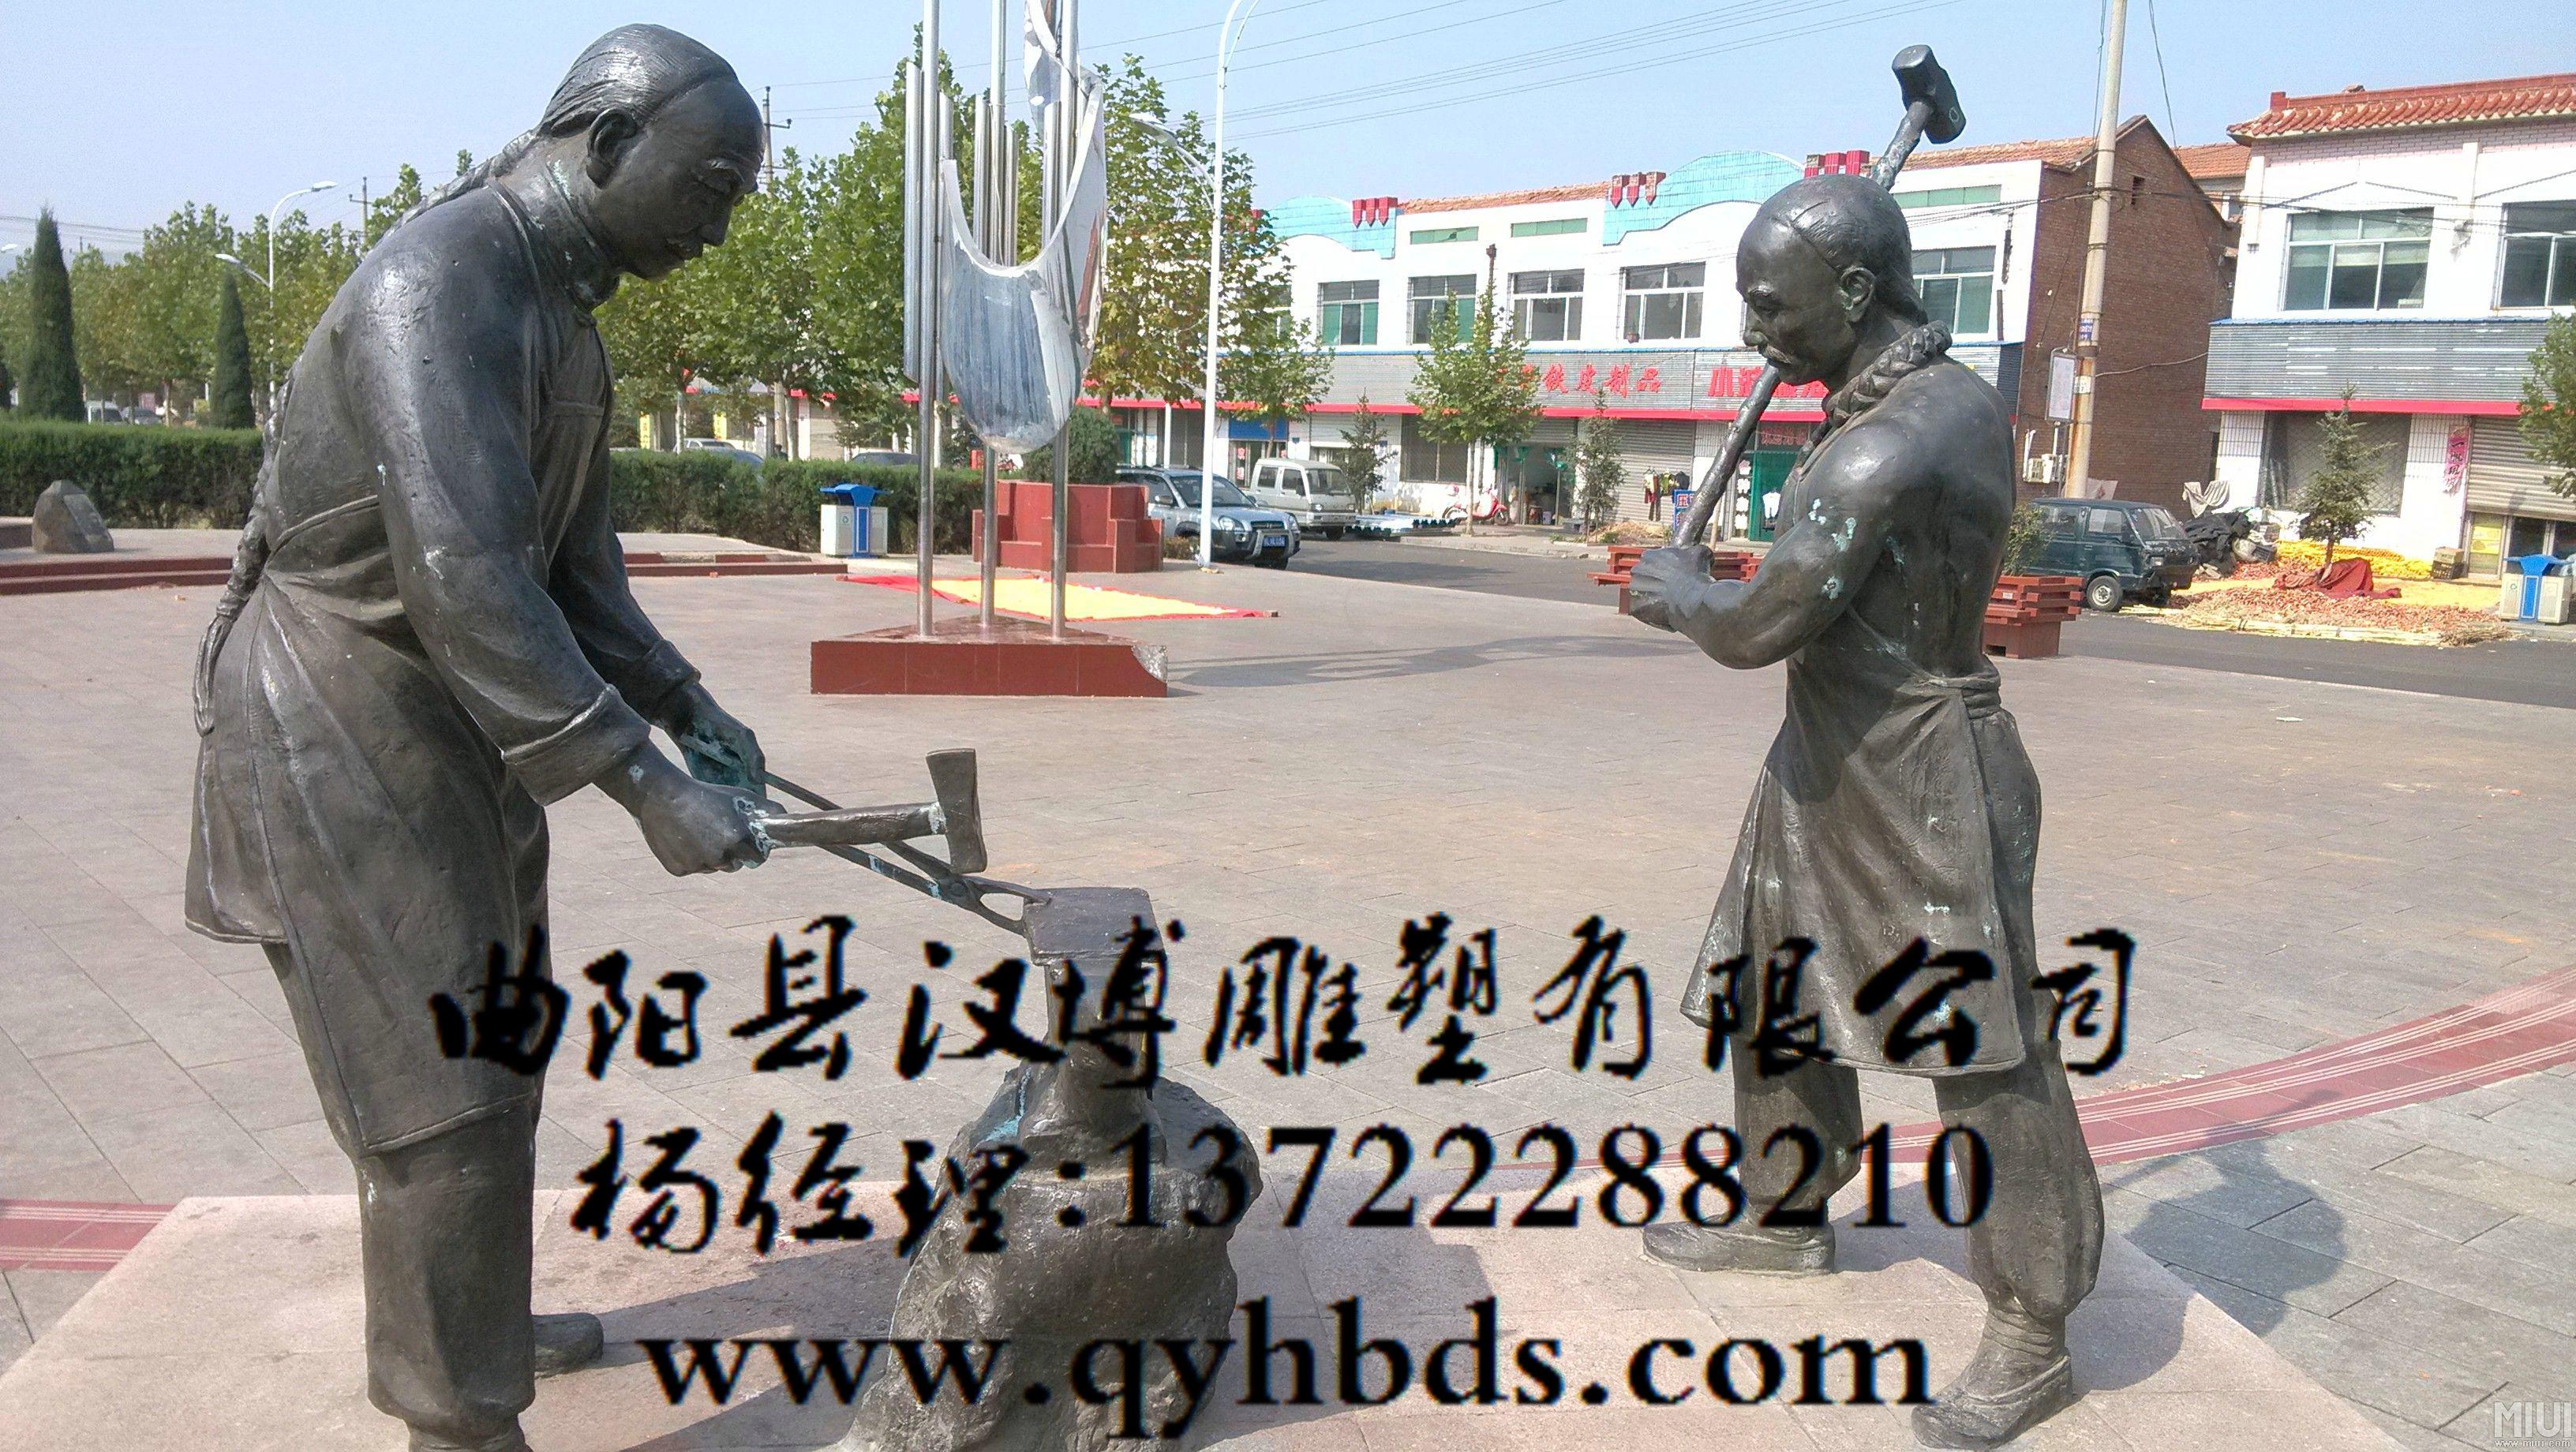 人物小品雕塑,乡村民俗雕塑,乡村小品雕塑,瑶族雕塑,小区雕塑,房地产